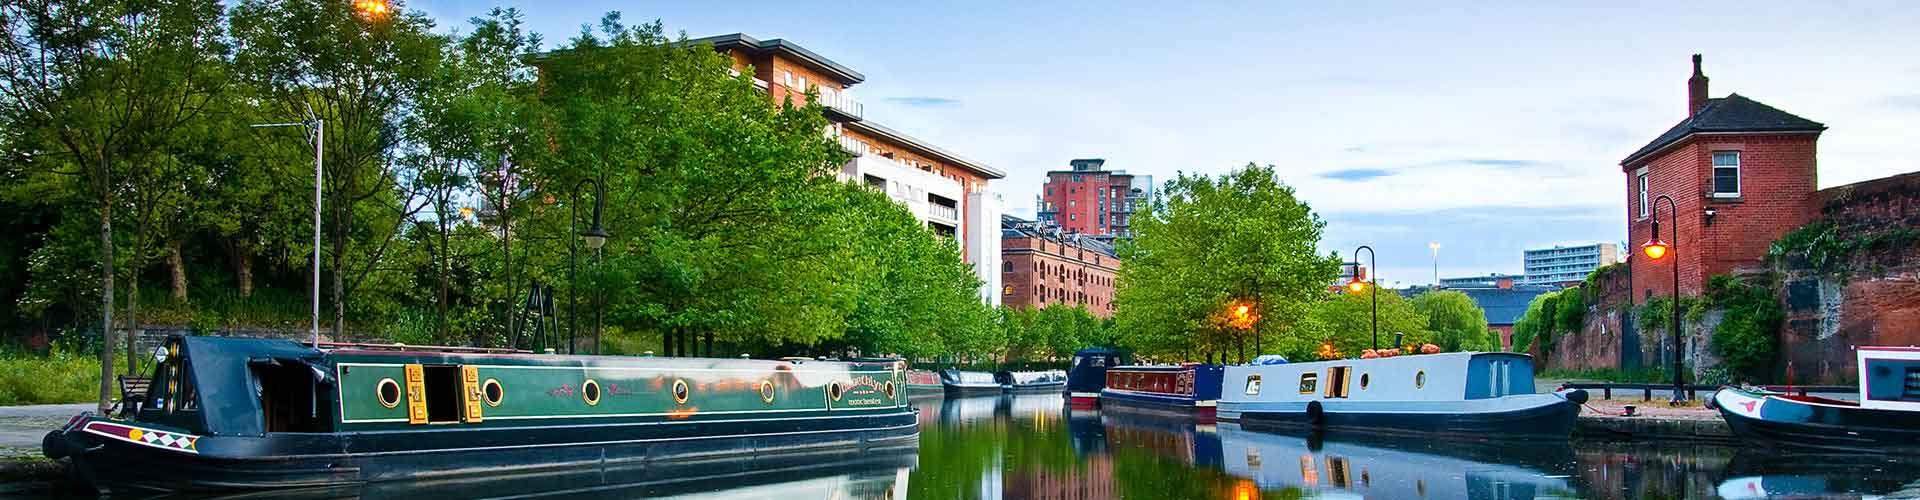 Manchester - Hostelů v Manchester. Mapy pro Manchester, fotky a recenze pro každý hostel v Manchester.